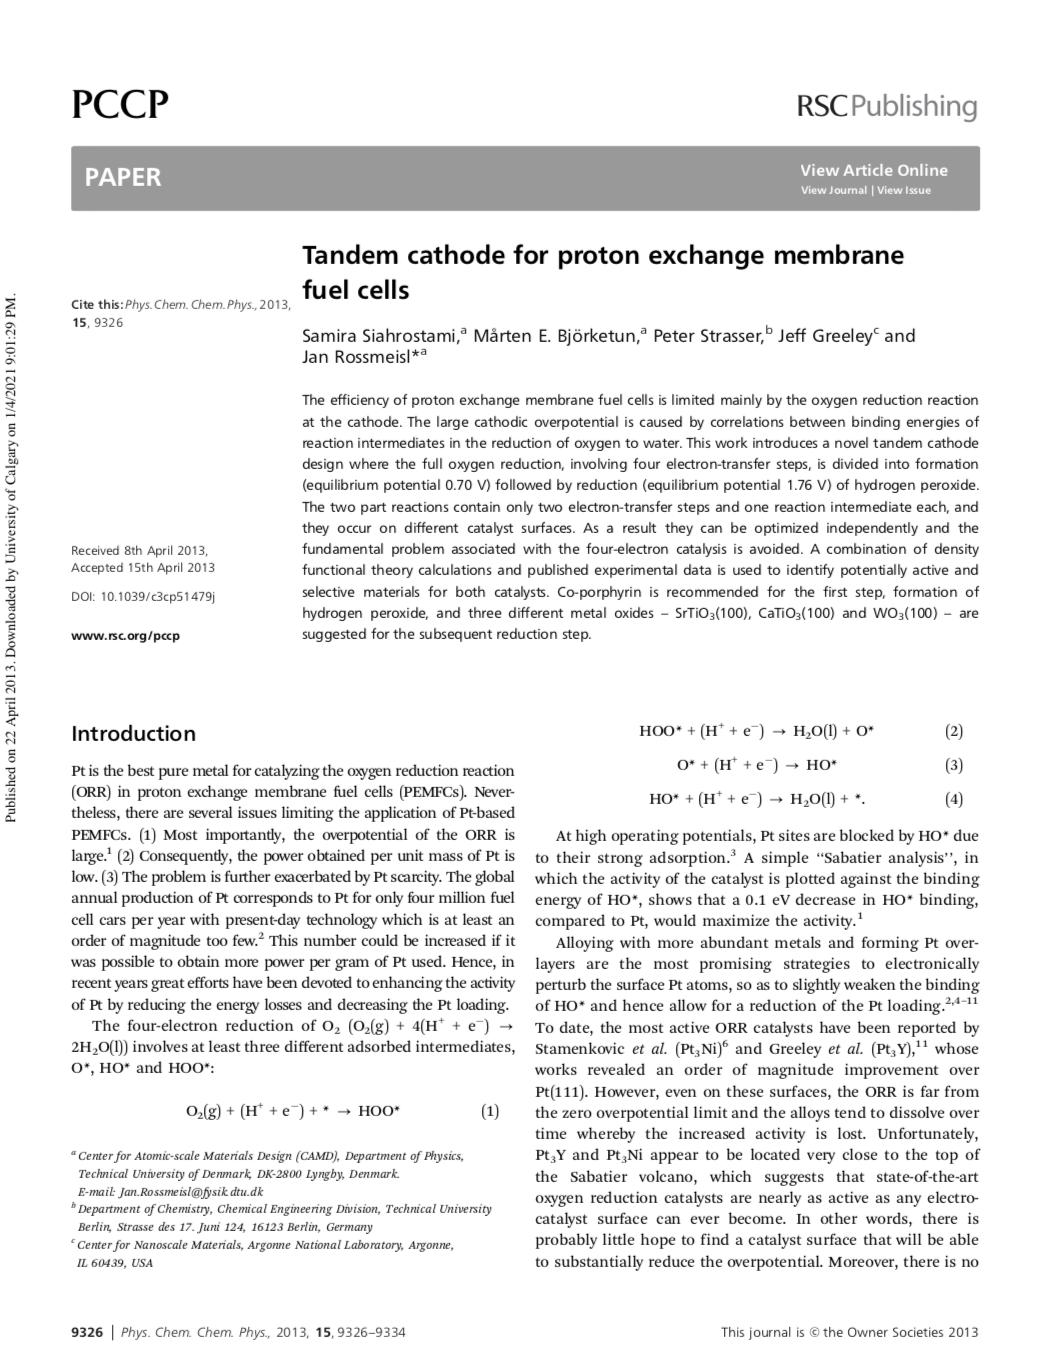 Tandem cathode for proton exchange membrane fuel cells